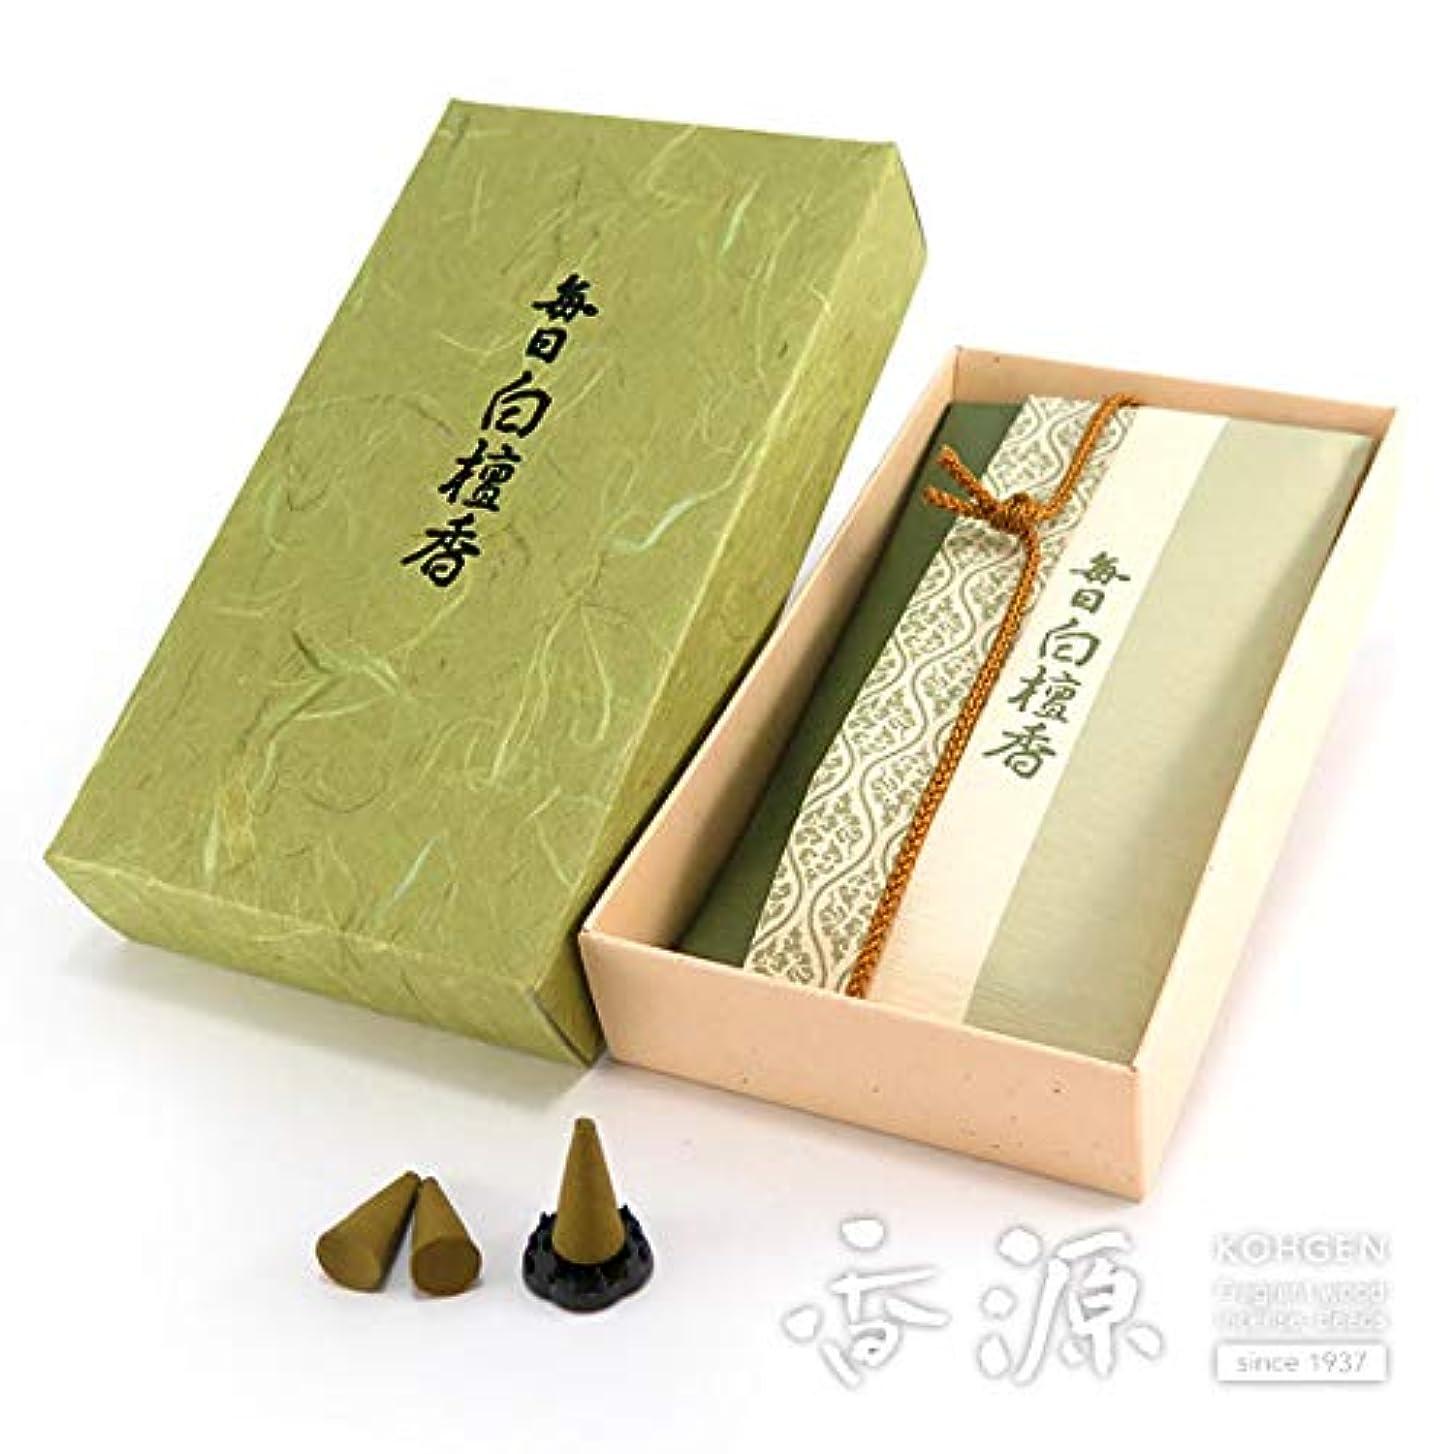 無チャンピオンシップビスケット日本香堂のお香 白檀の定番 毎日白檀香 コーン型24個入